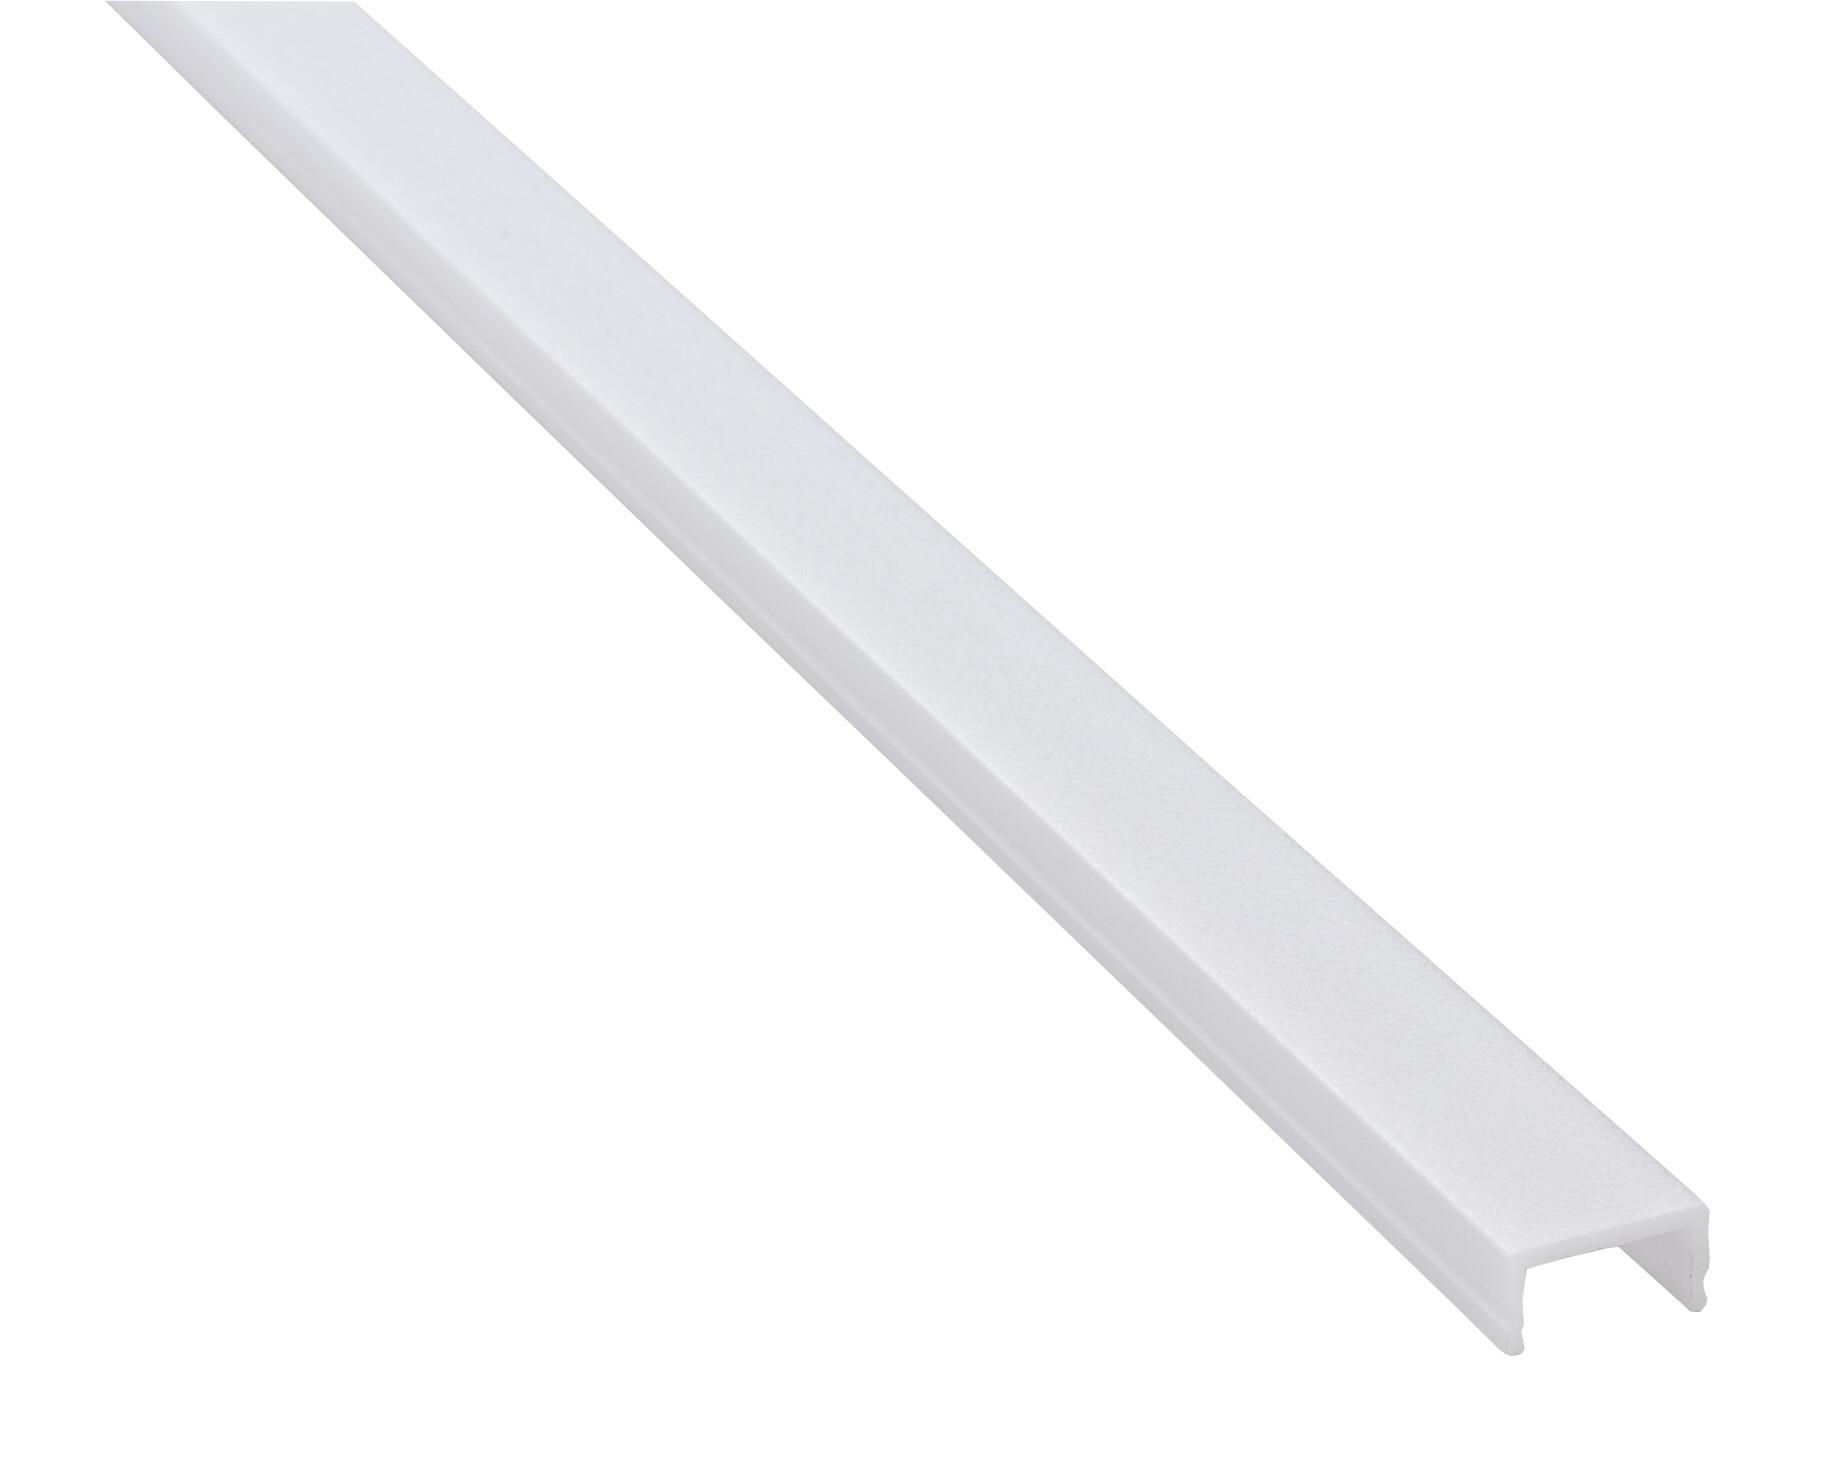 Diffuseur plexi pour profile LED app/enc